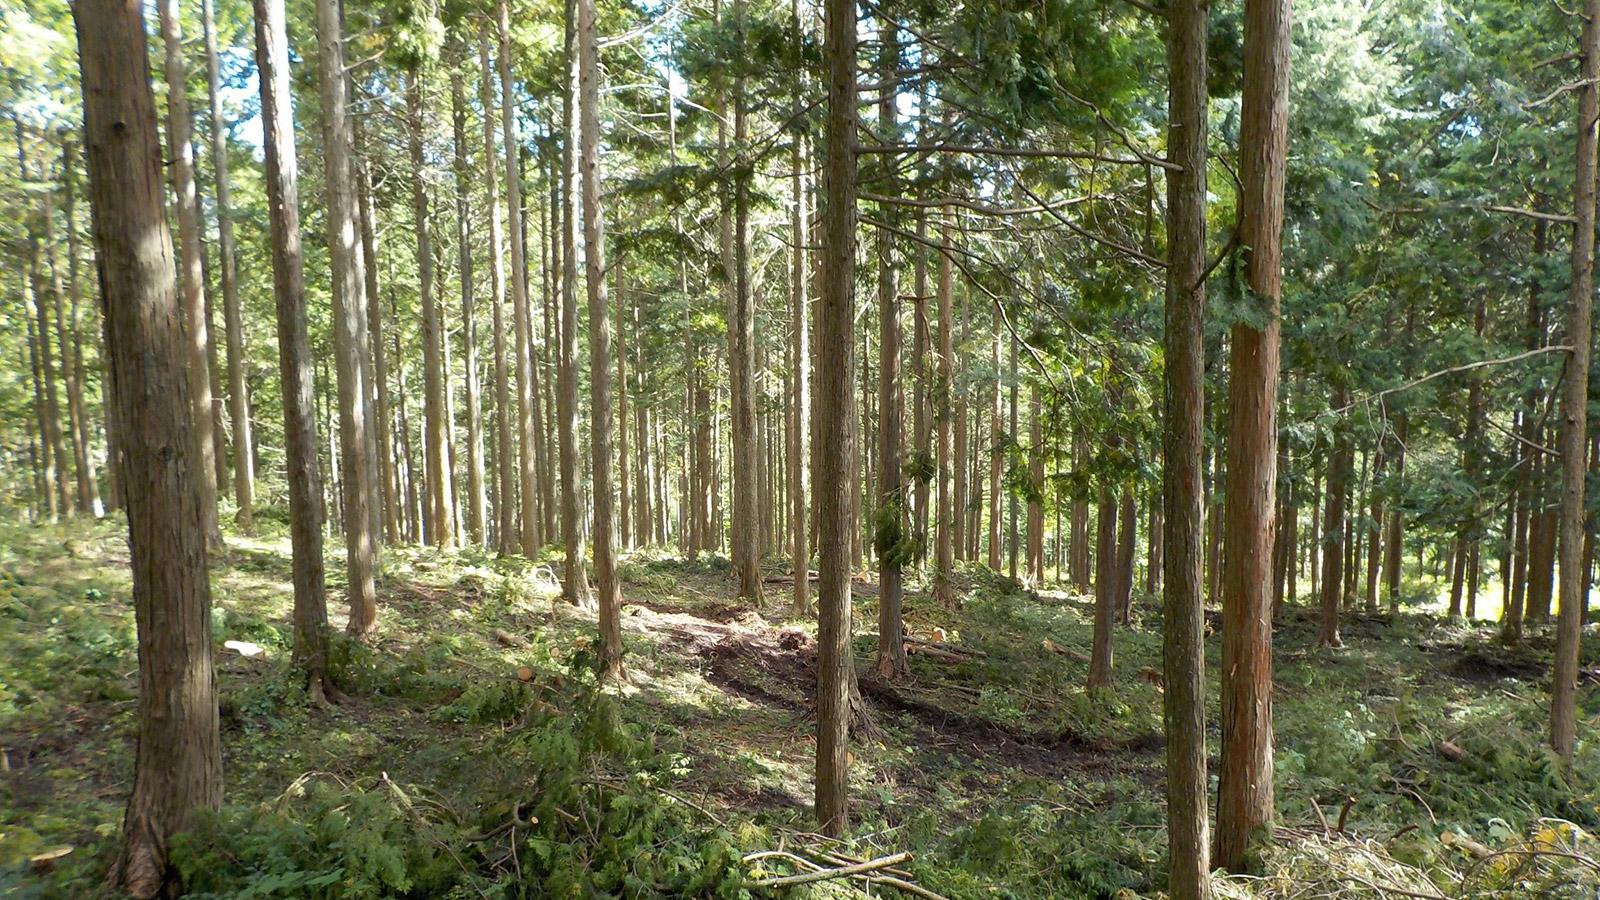 「紙の向こうに森が見える」間伐を促進するエコな取り組み